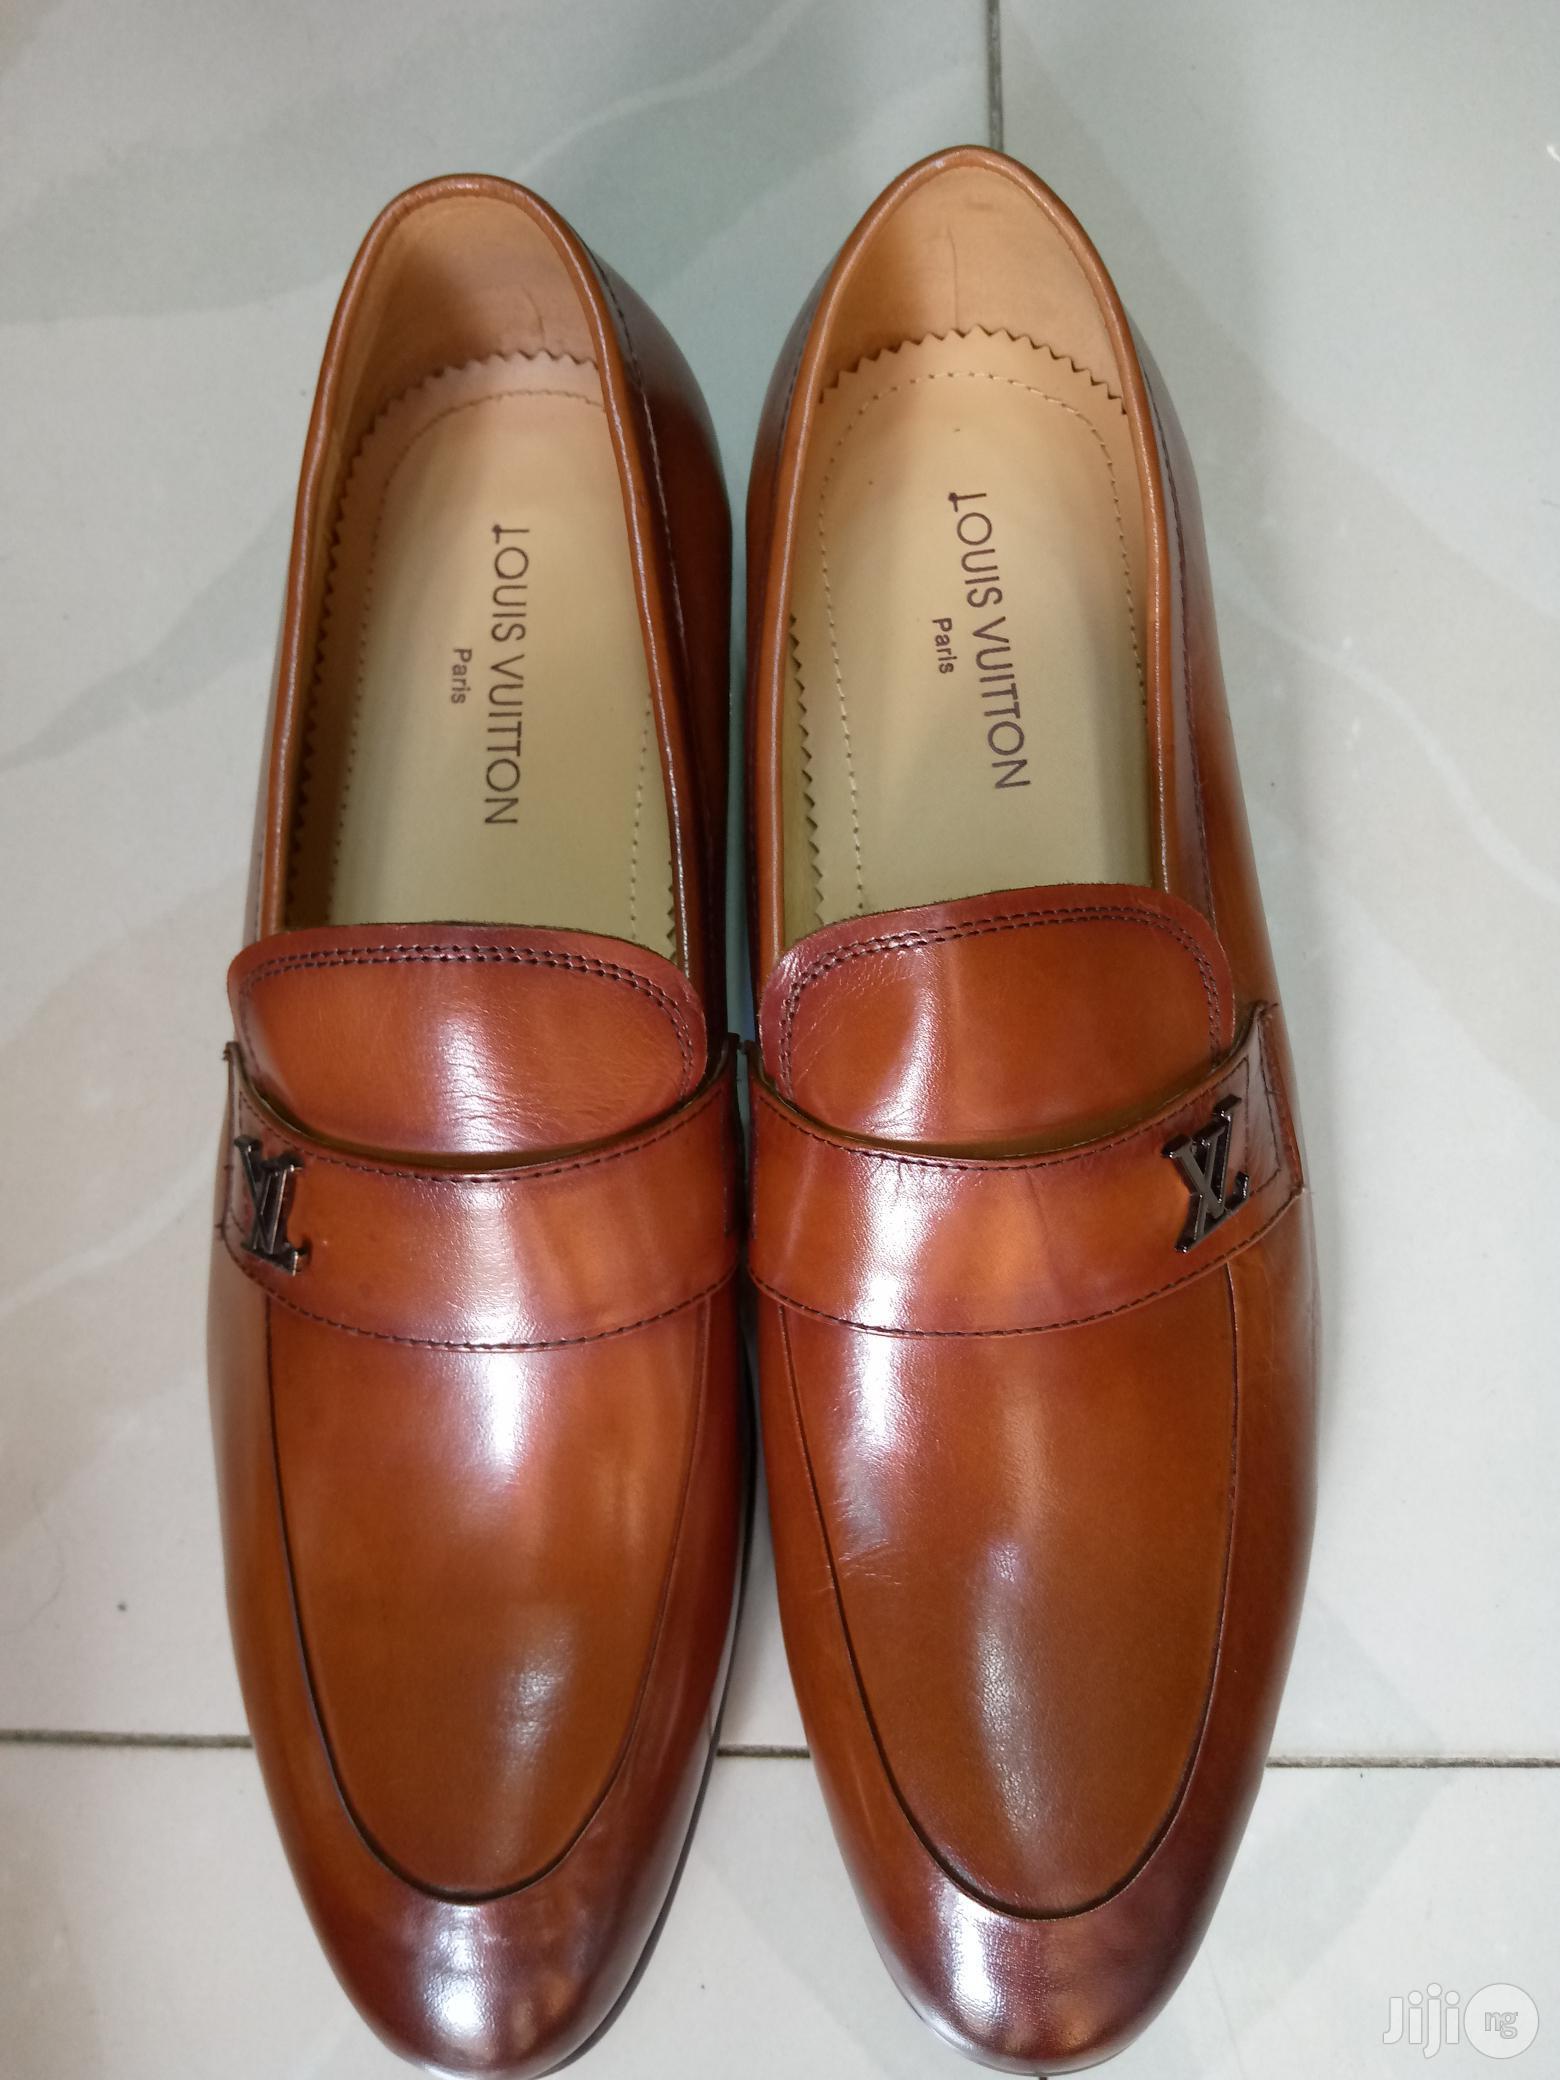 louis vuitton formal shoes